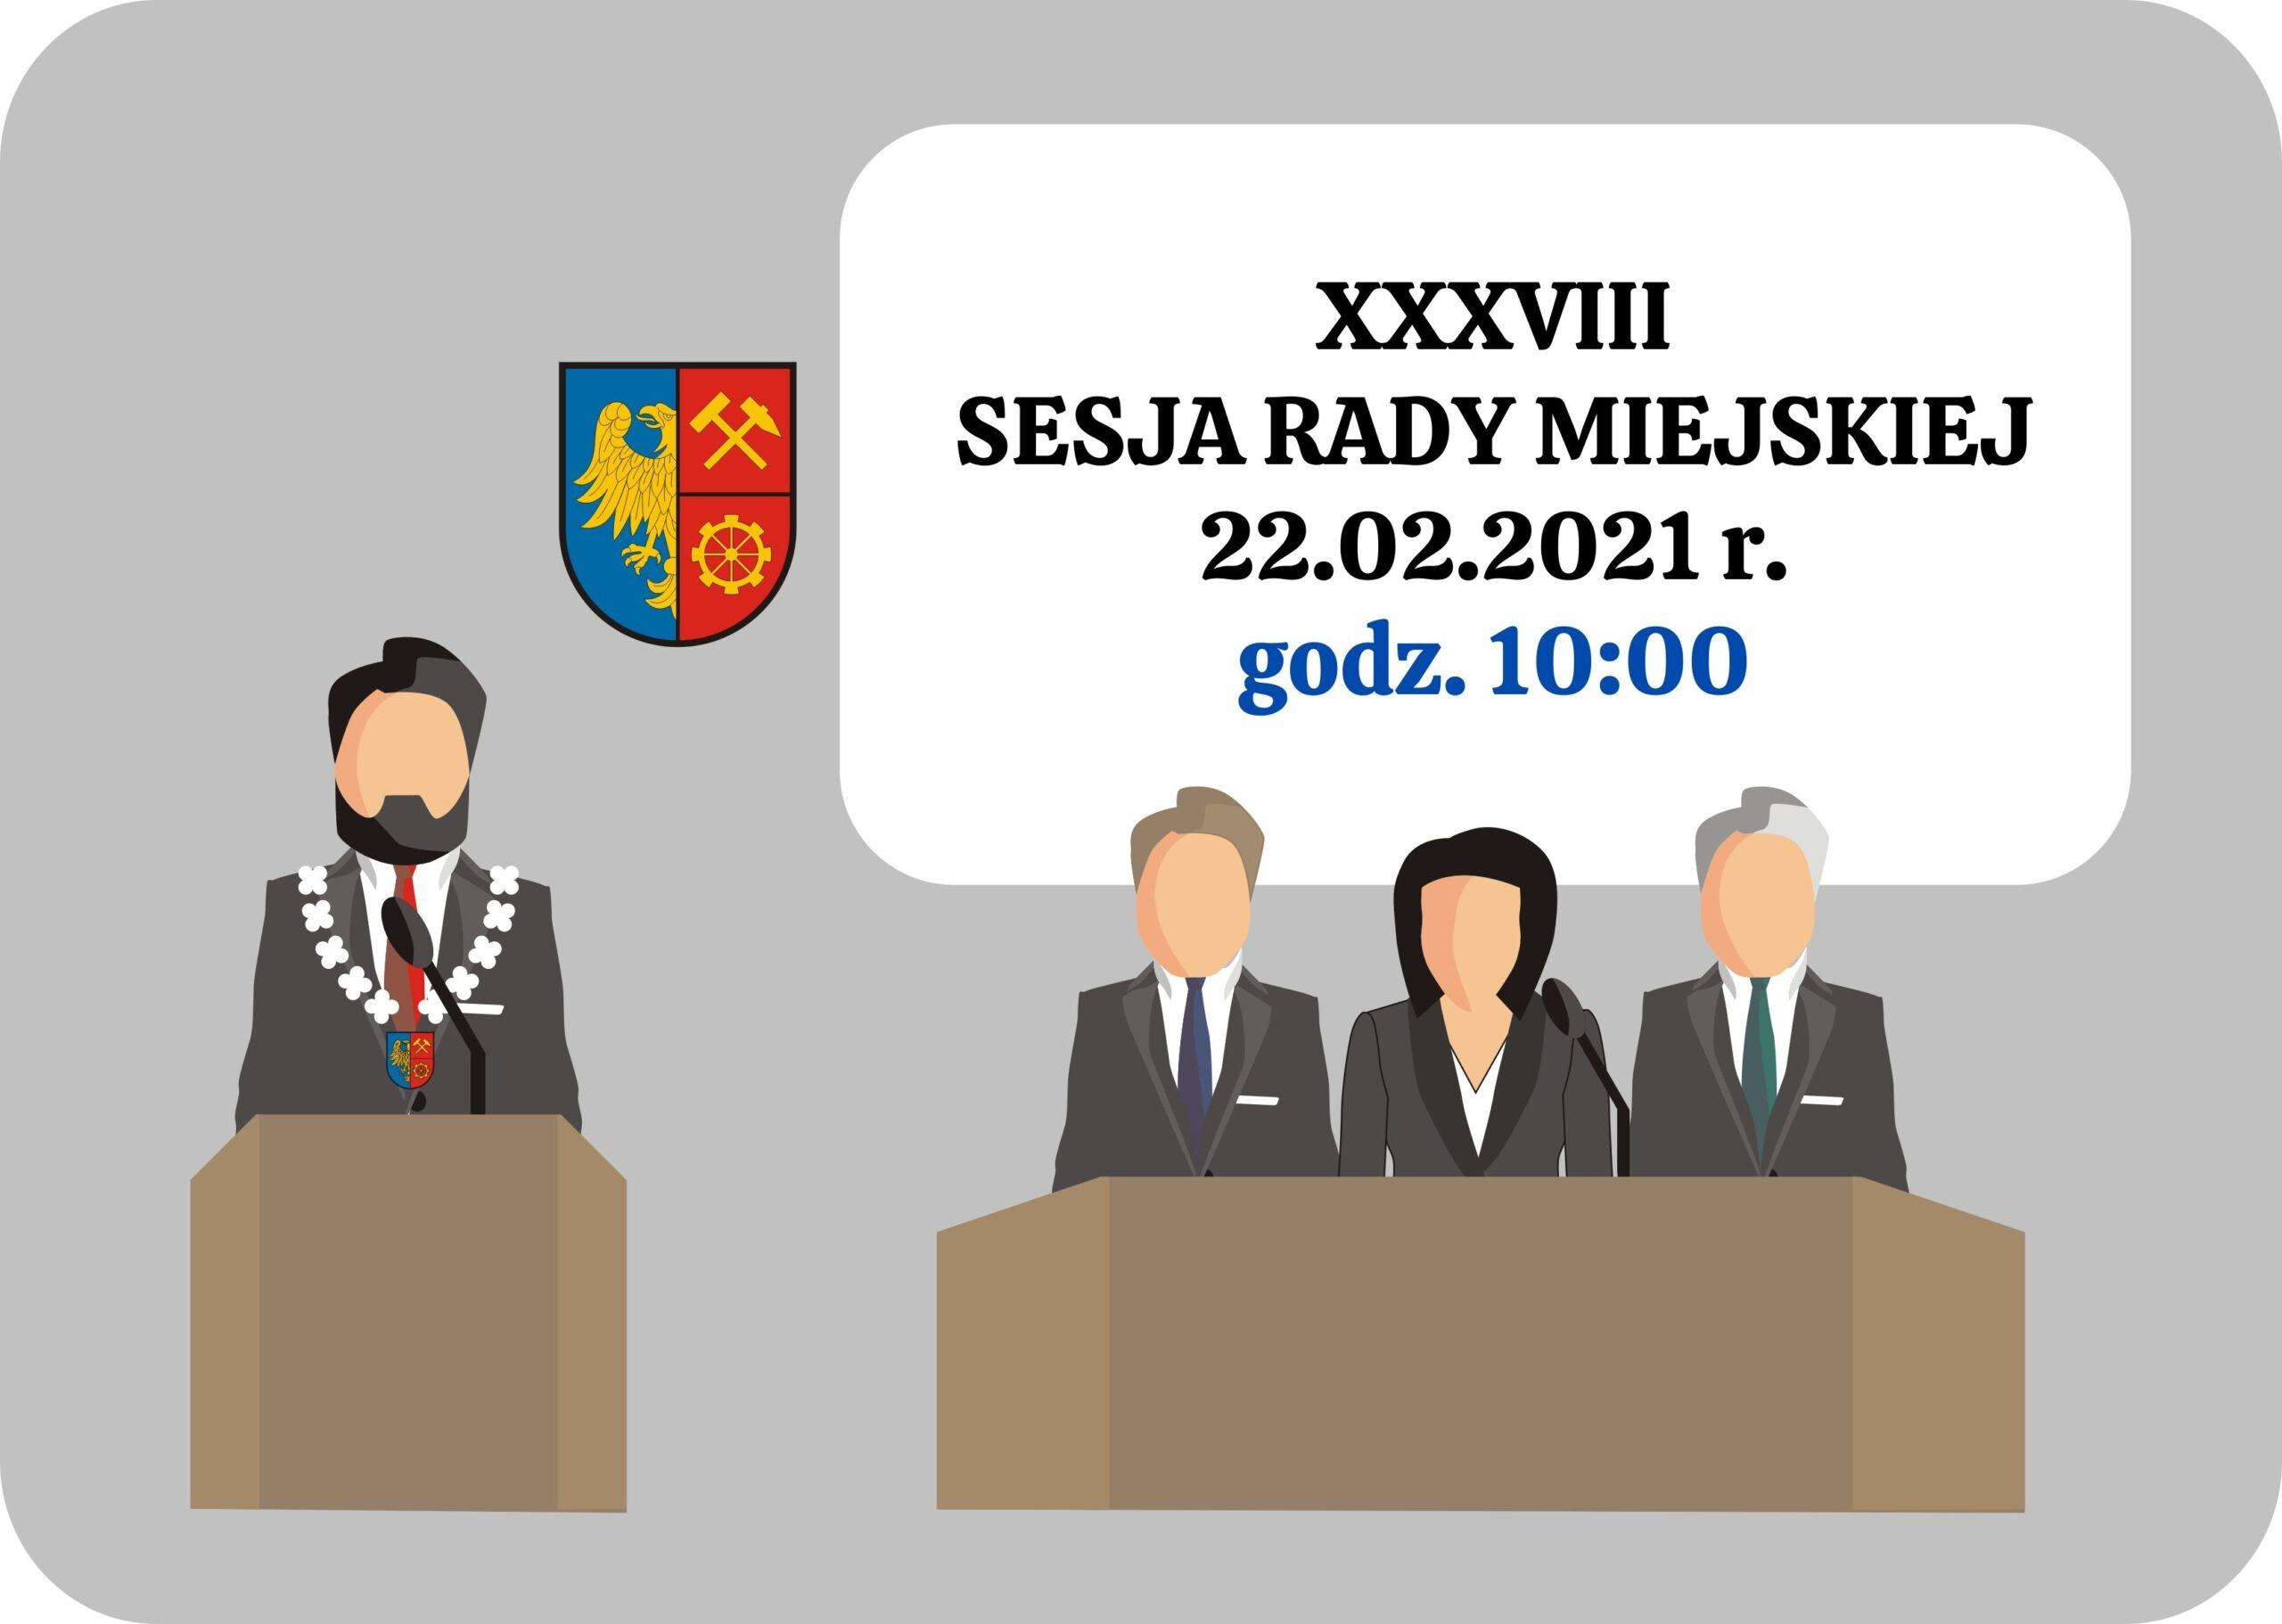 grafika zapraszająca do udziału w sesji Rady Miejskiej